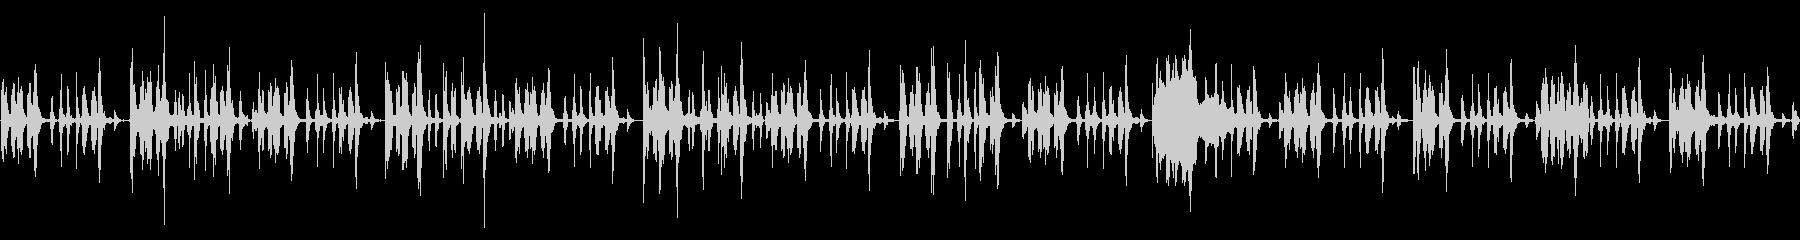 LIVE、イベントの曲間BGMの未再生の波形